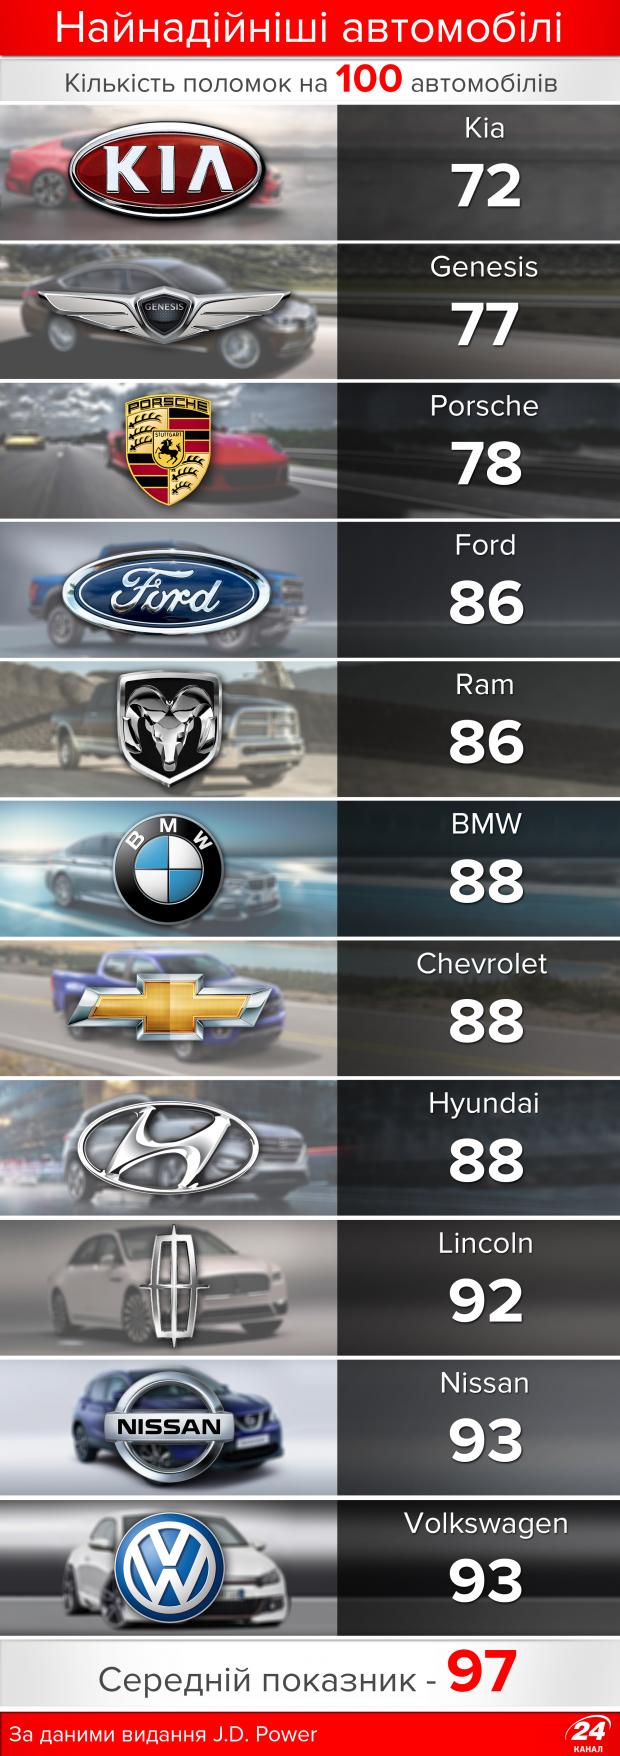 Fiat, Volvo чи Кіа: рейтинг найнадійніших автомобілів у інфографіці, фото-1